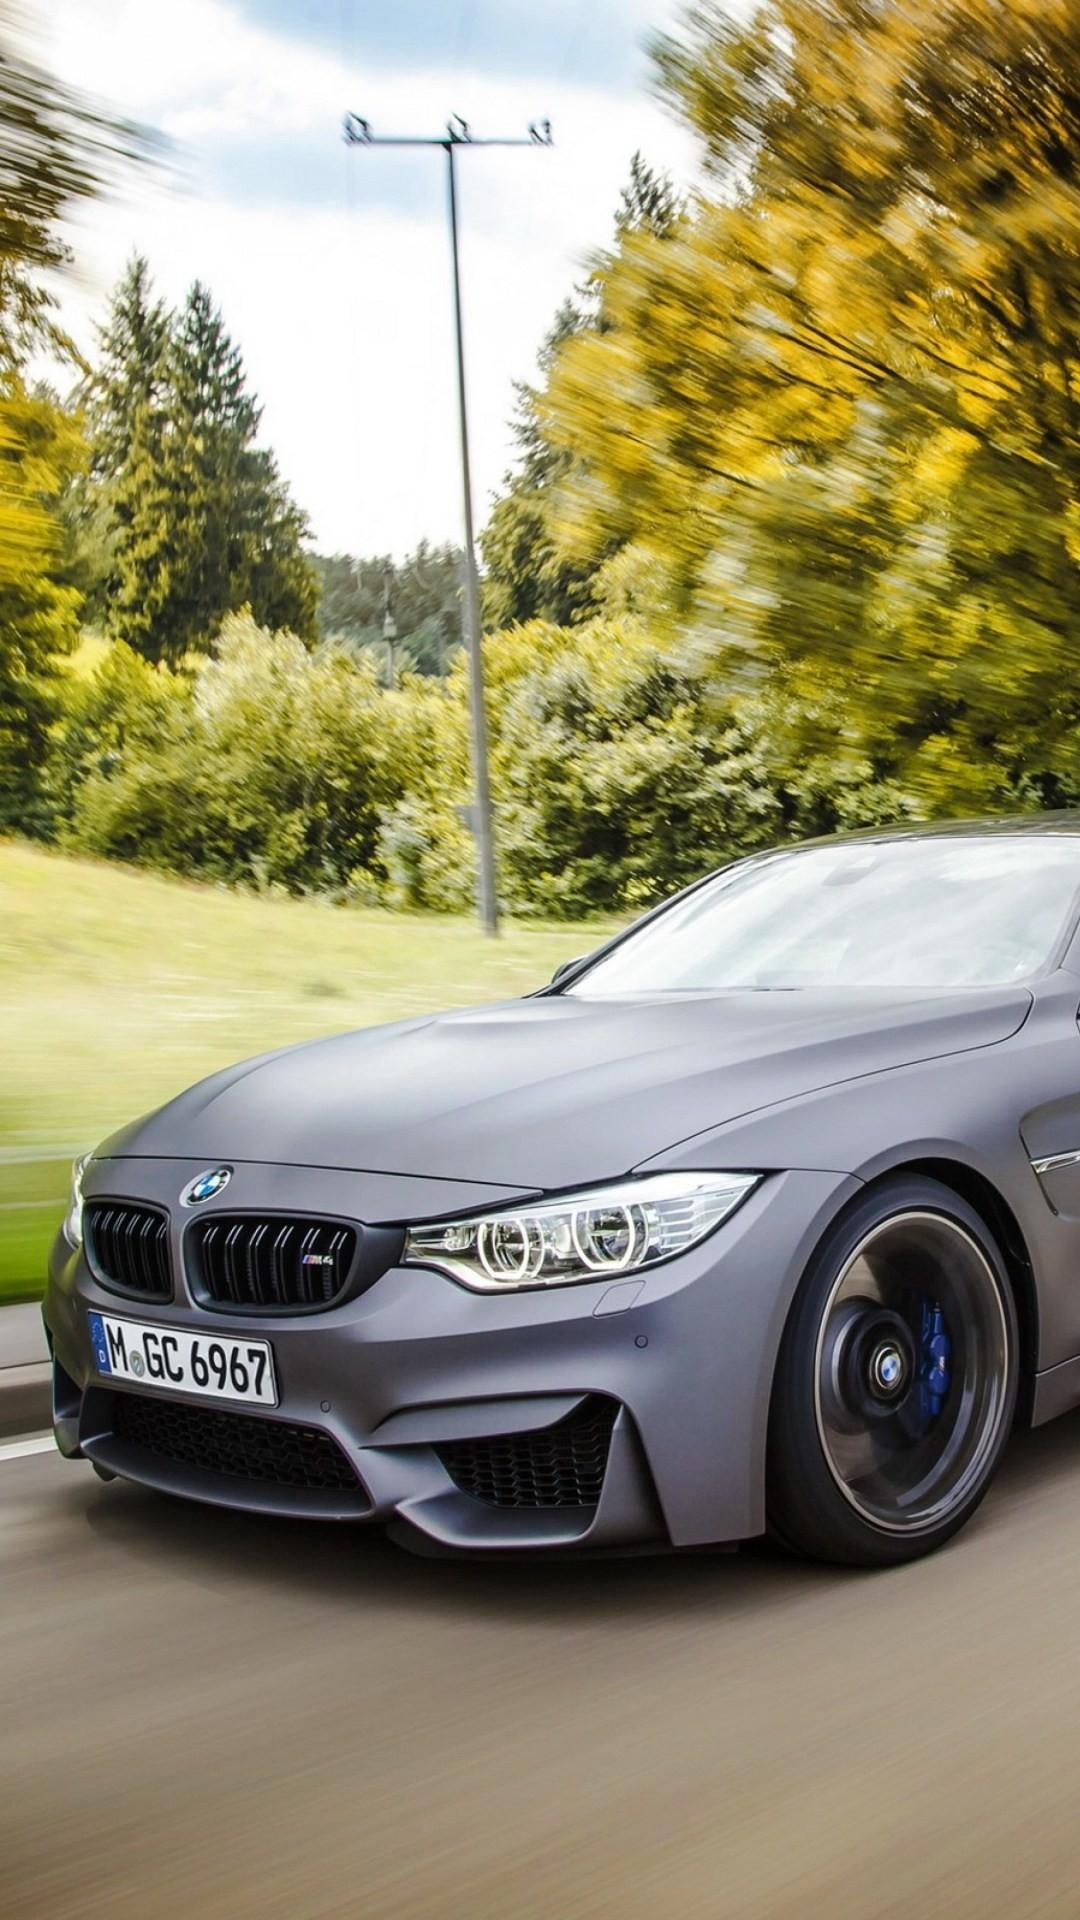 宝马(BMW)跑车系列HD高清手机壁纸1080*1920